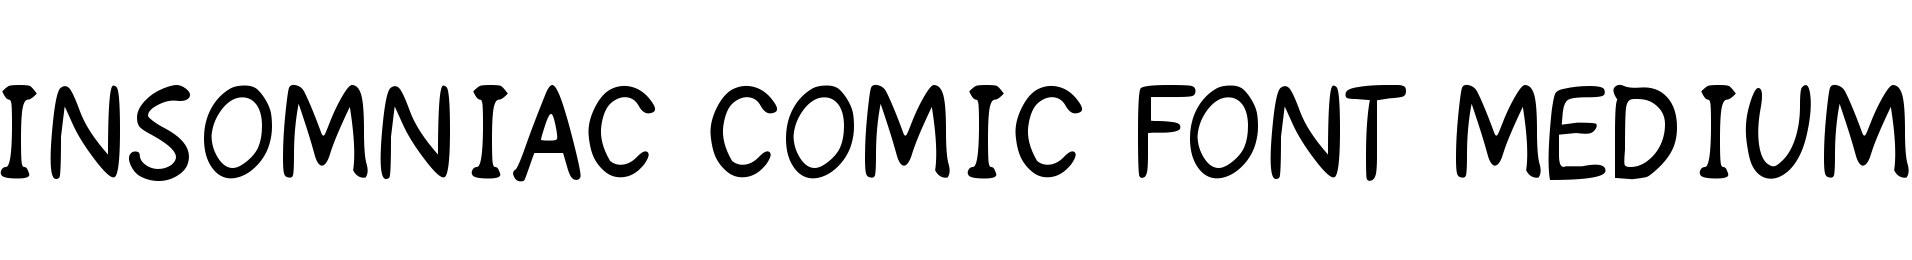 Insomniac Comic Font Medium